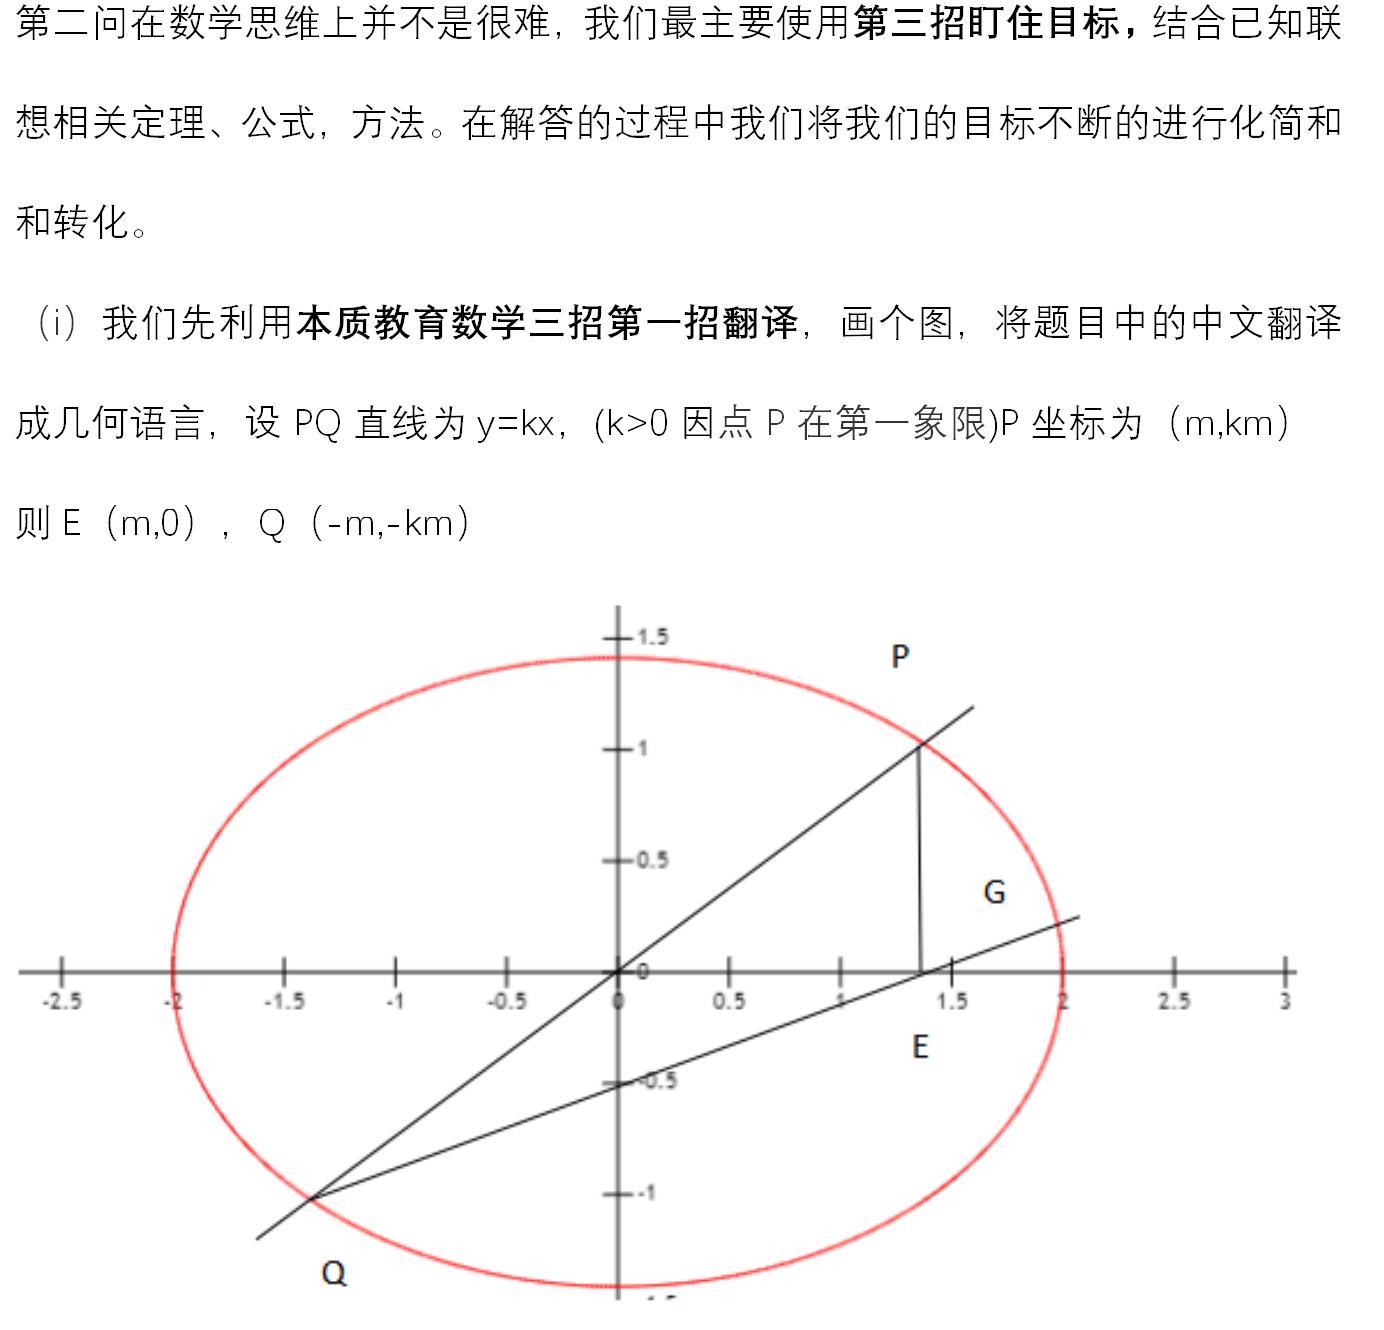 何学好数学—2019全国二卷压轴题解析